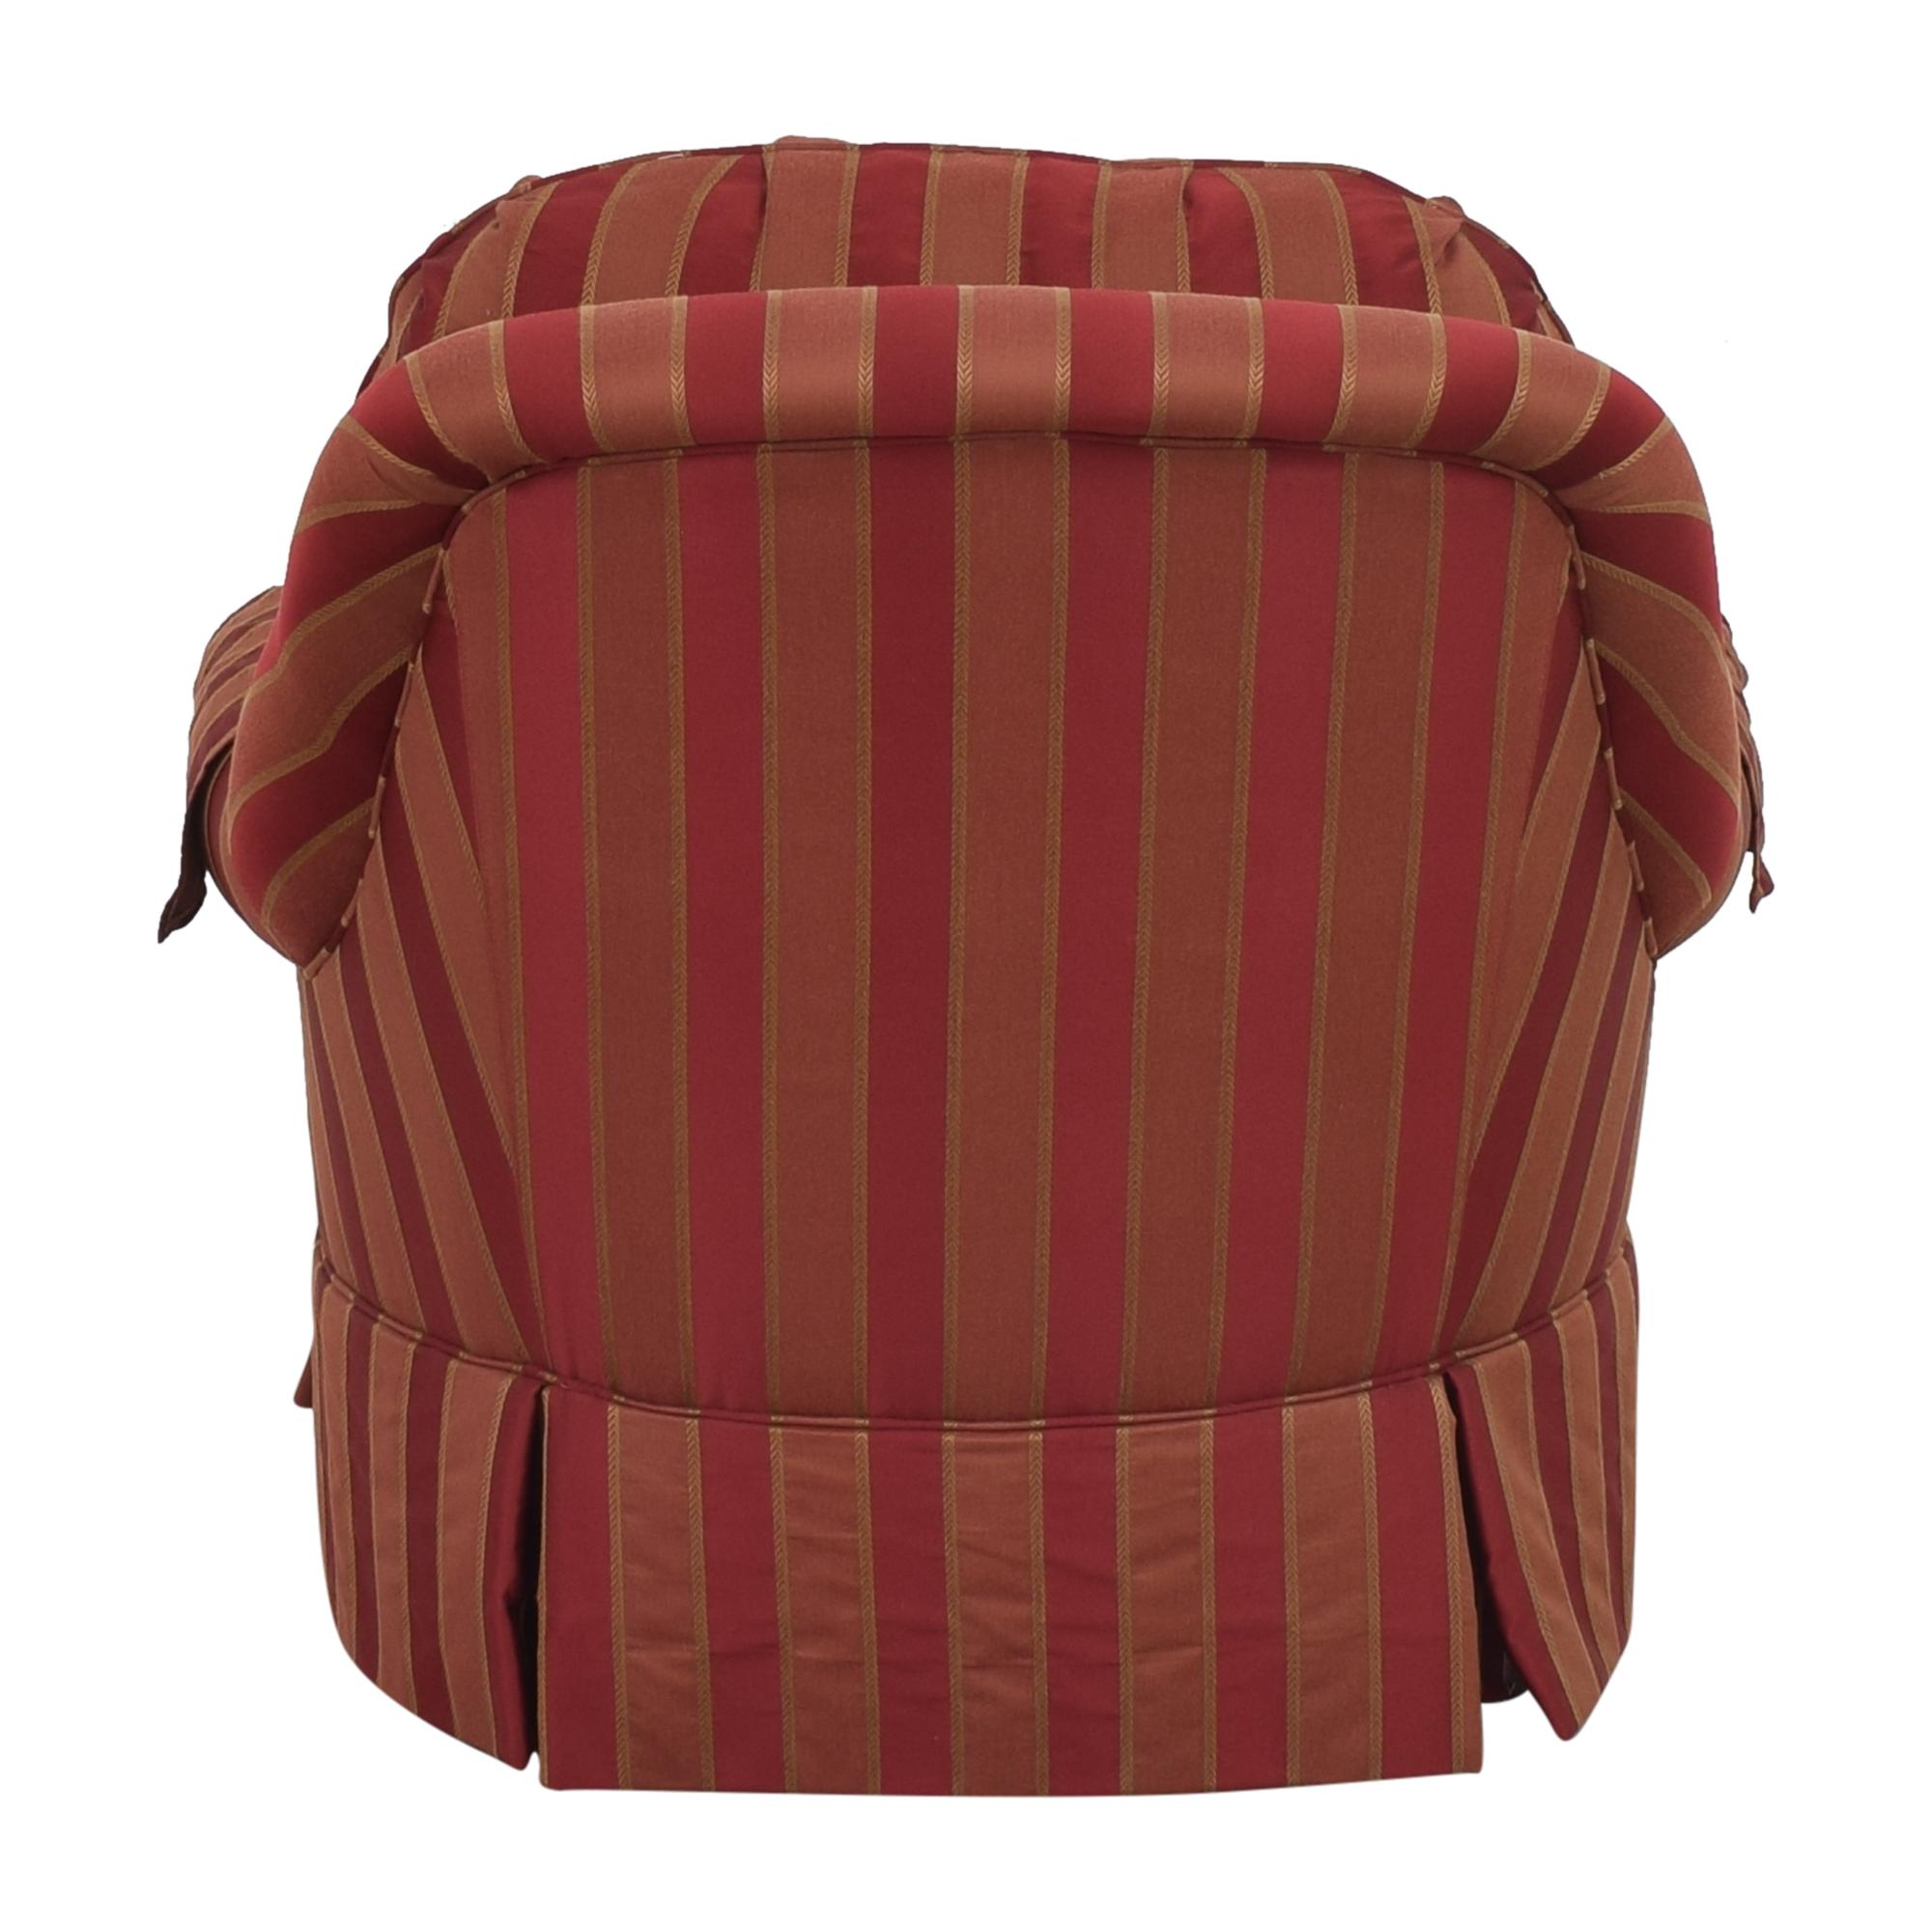 Ethan Allen Ethan Allen Skirted Swivel Chair ct